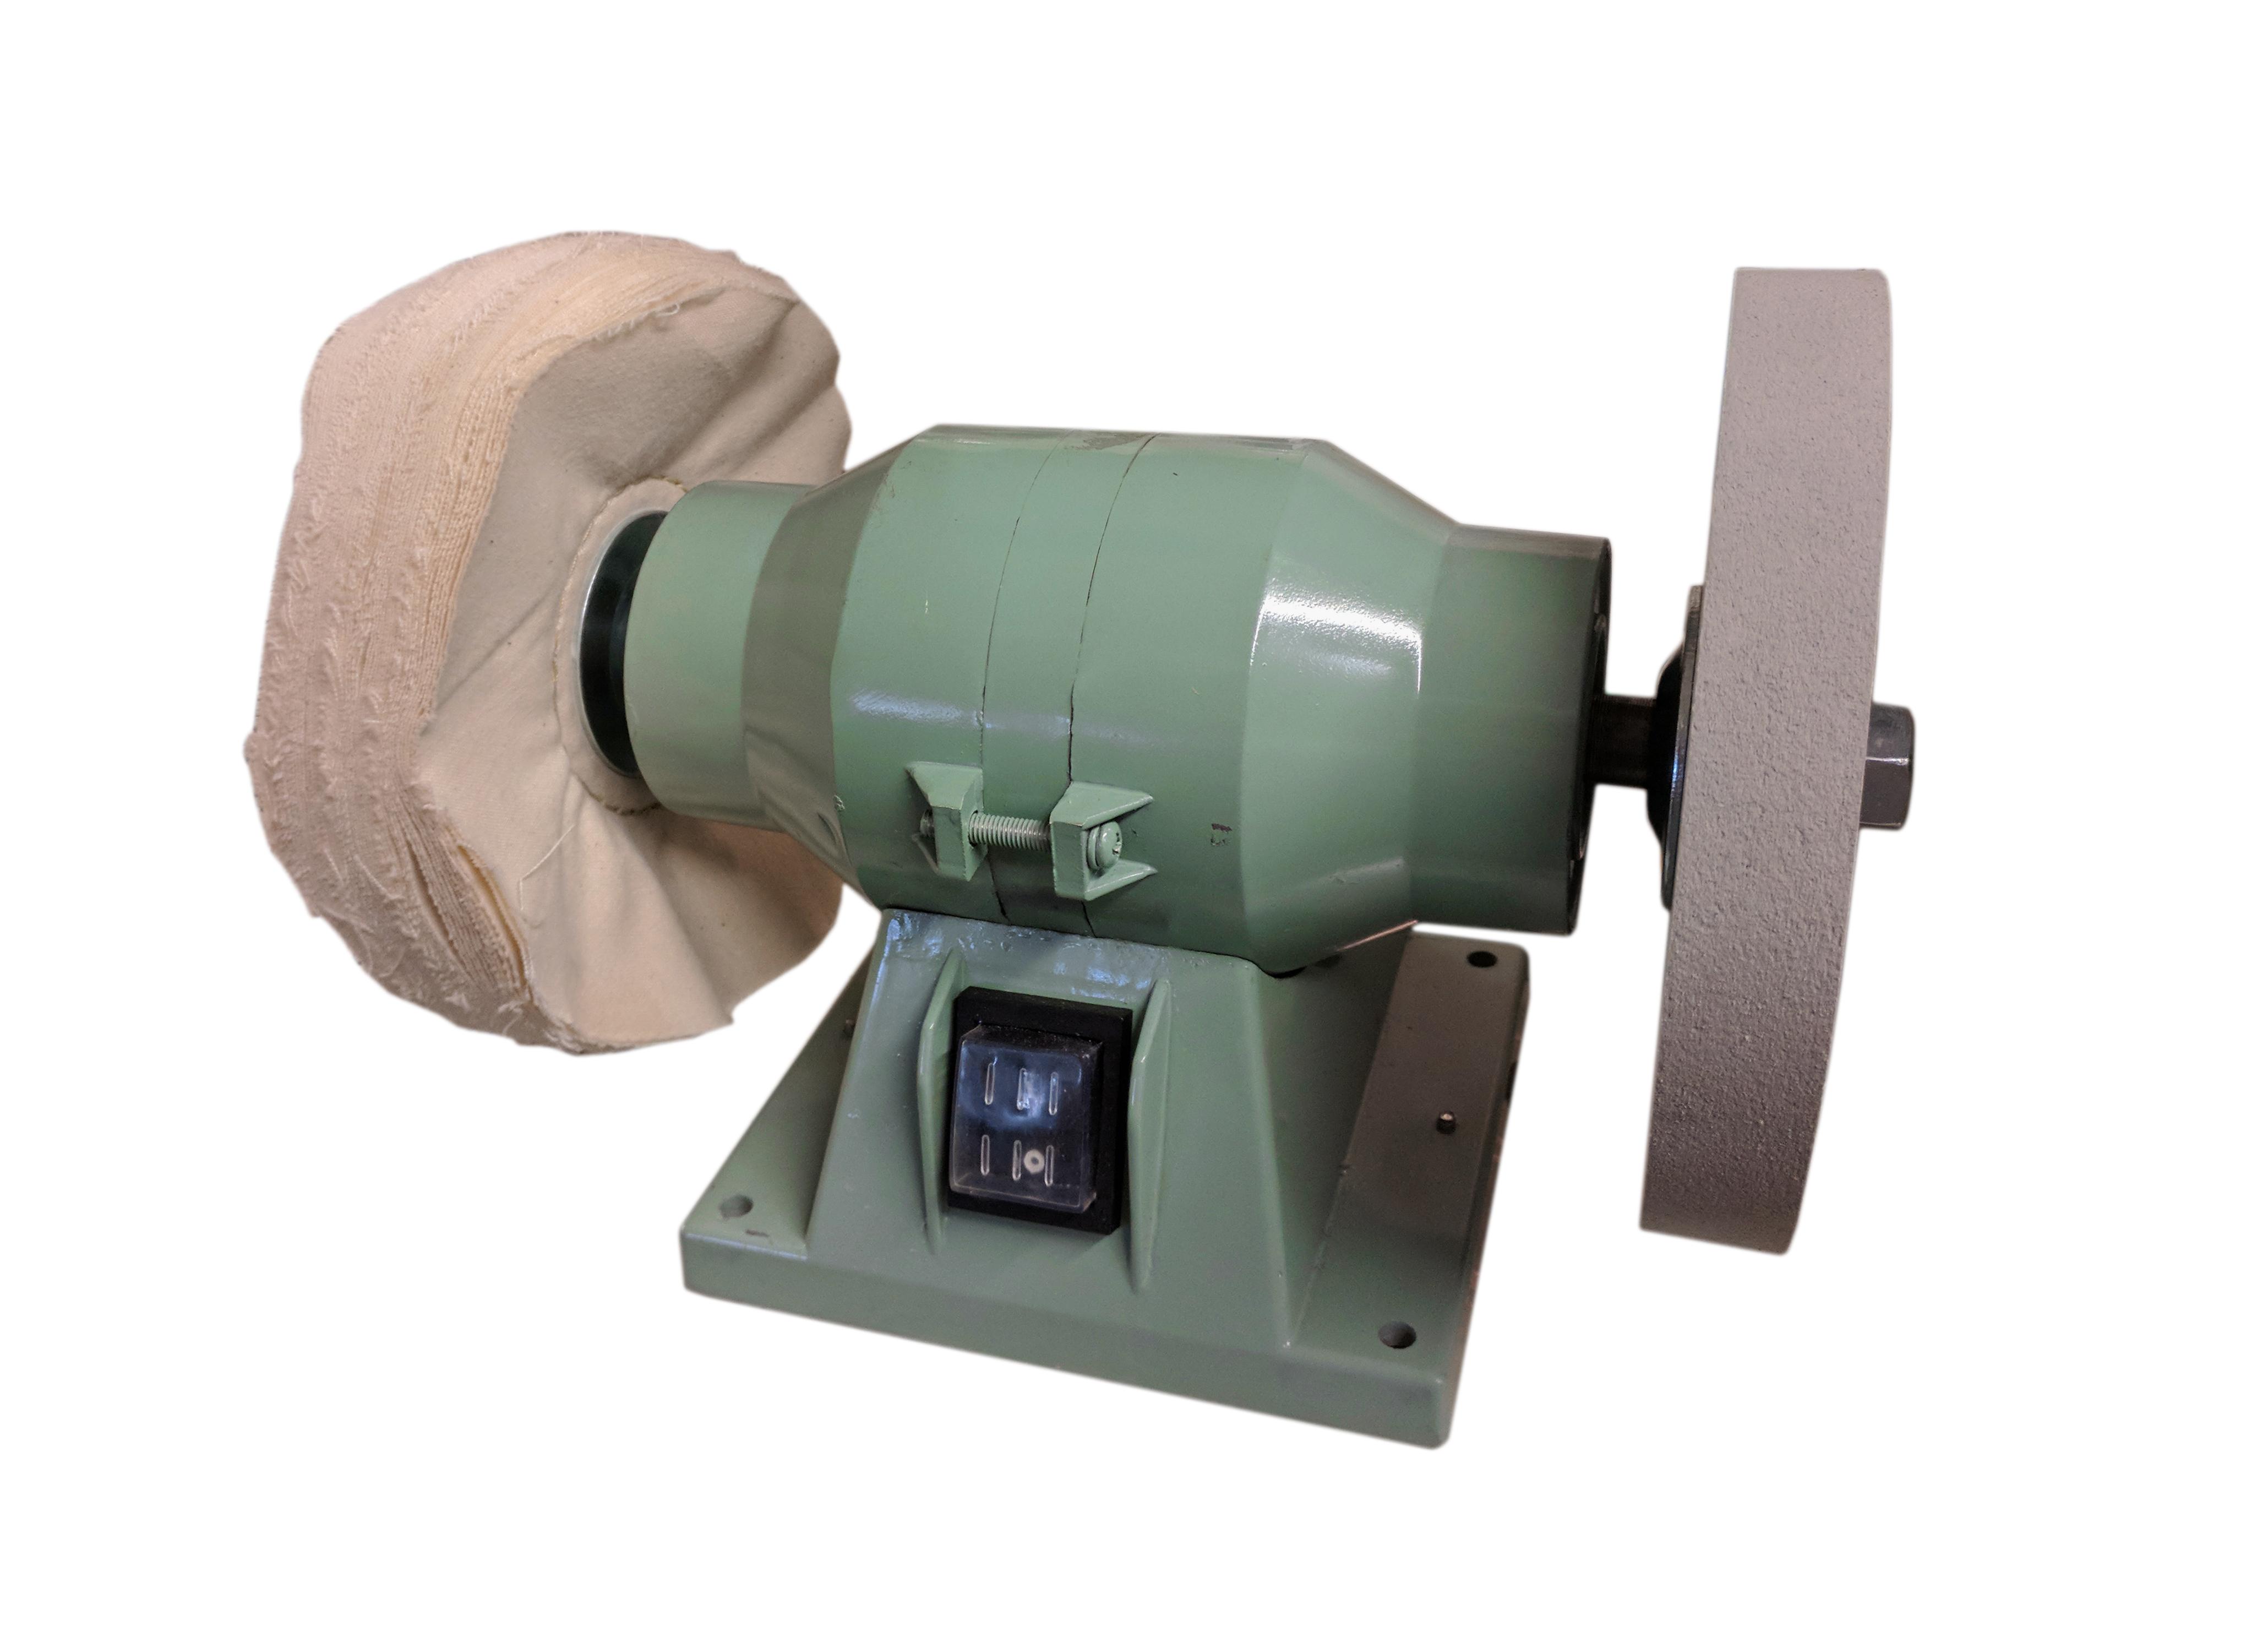 abzieh- und polierschleifmaschine mit gummischeibe und